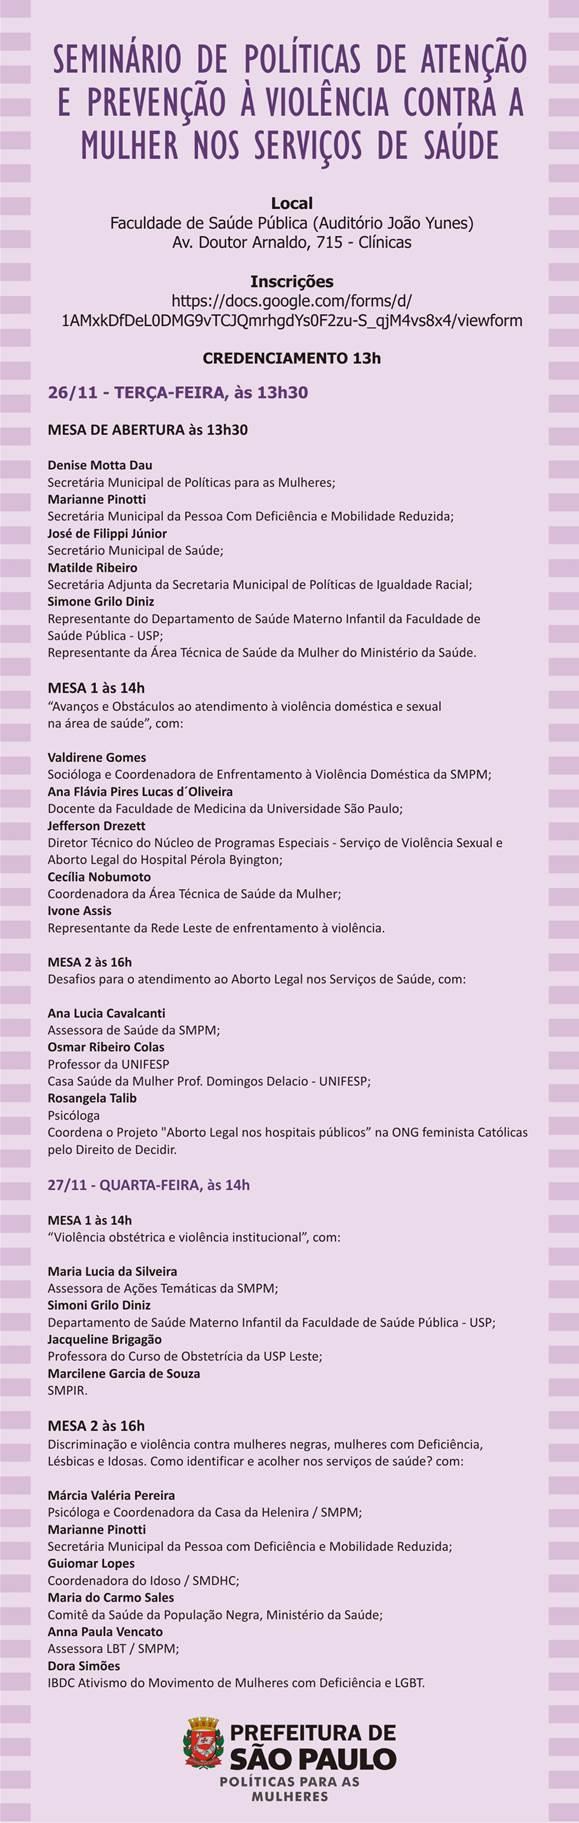 Seminário de Políticas de Atenção e Prevenção à Violência contra a Mulher na Saúde - Secretaria Municipal de Políticas para as Mulheres de SP